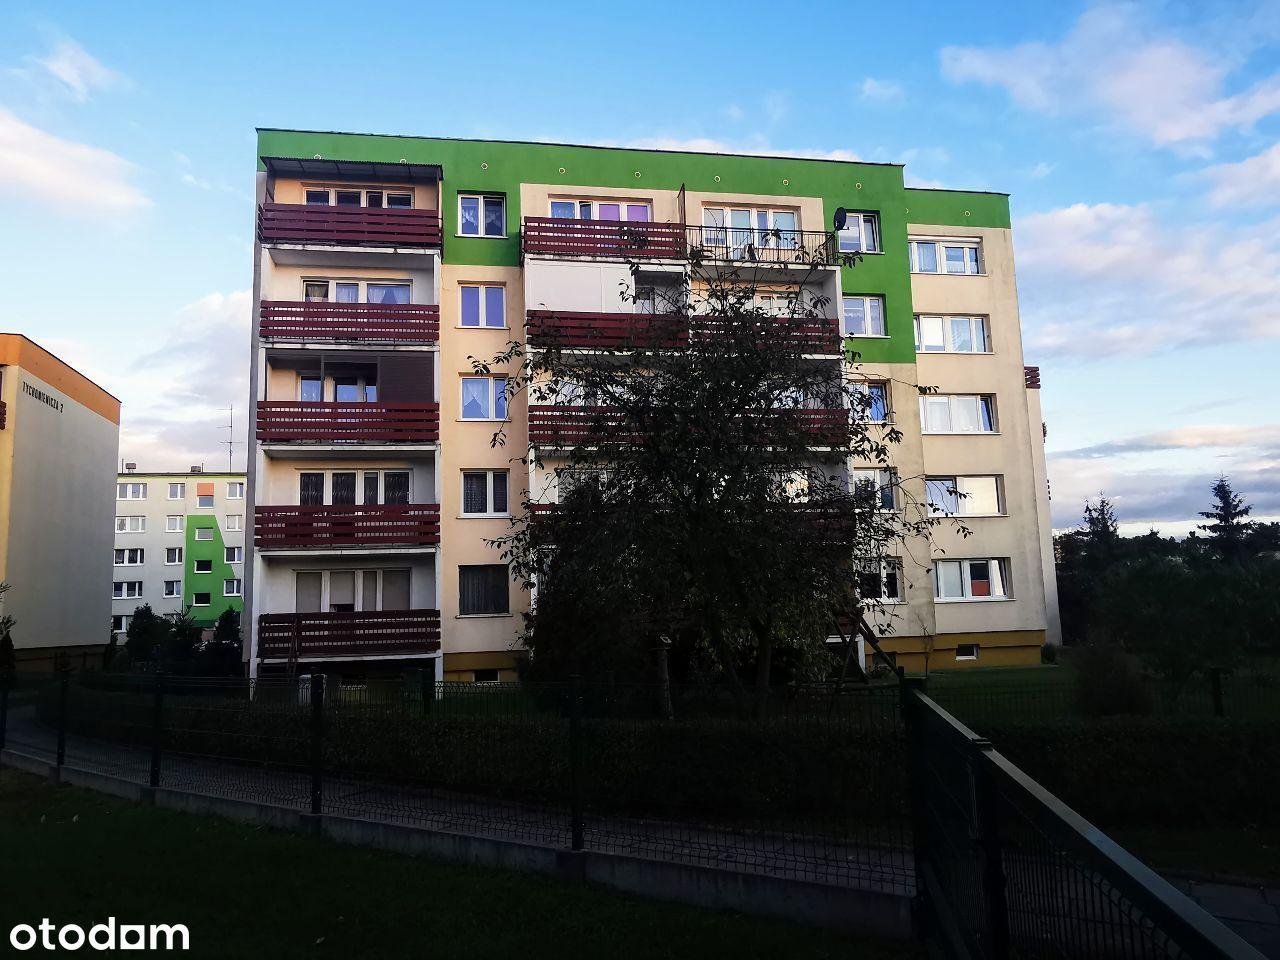 Mieszkanie dla rodziny, ogródek, Przylesie,4pokoje